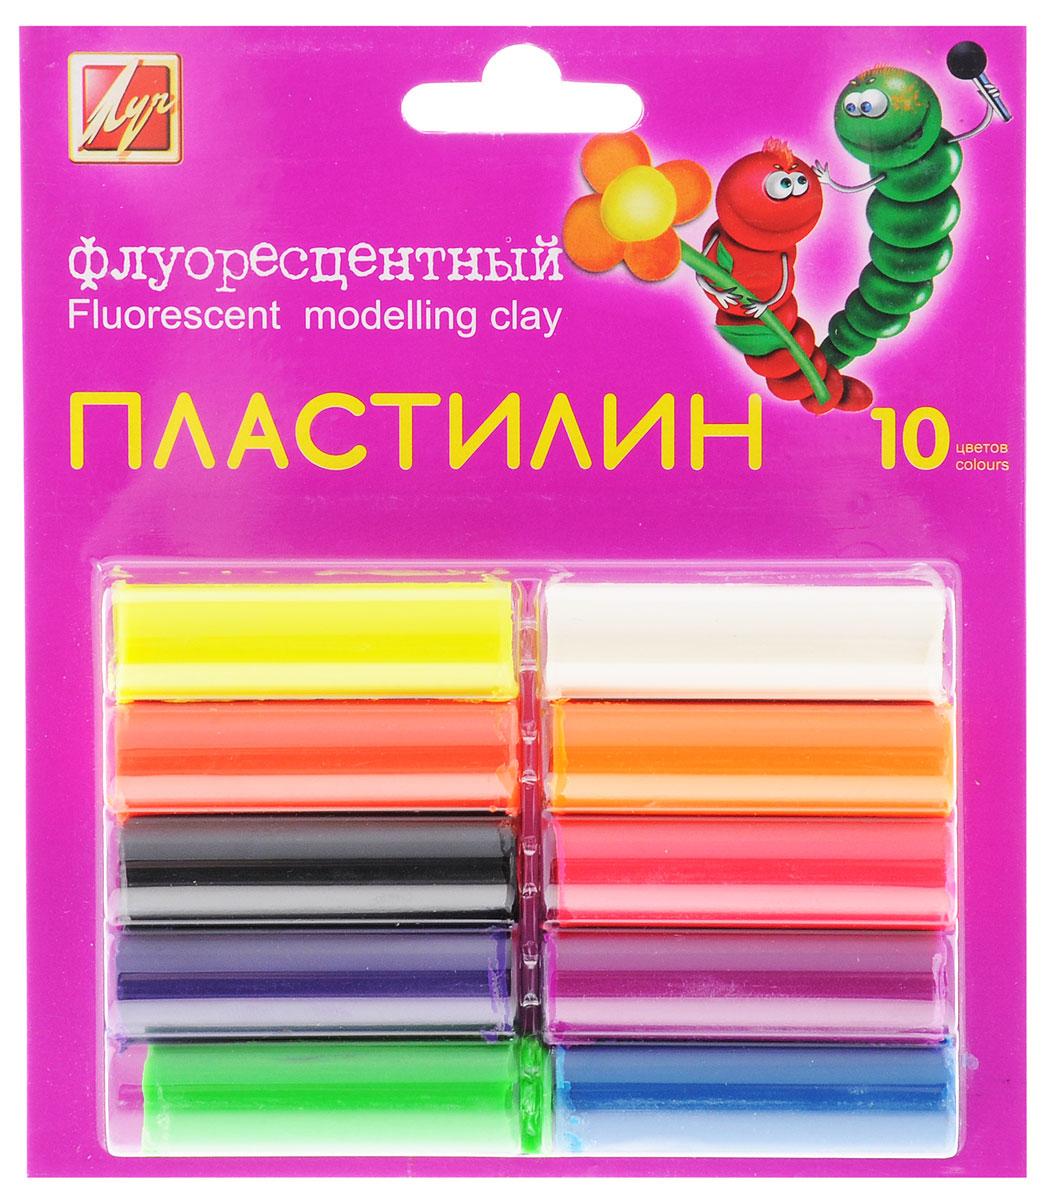 Луч Пластилин флуоресцентный 10 цветовC05056Цветной флуоресцентный пластилин Луч, предназначенный для лепки и моделирования, поможет ребенку развить творческие способности, воображение и мелкую моторику рук. Пластилин легко формуется, не прилипает к рукам, высоко пластичен, имеет яркие цвета. Пластилин безопасен для здоровья при использовании по назначению. В наборе 10 цветов.